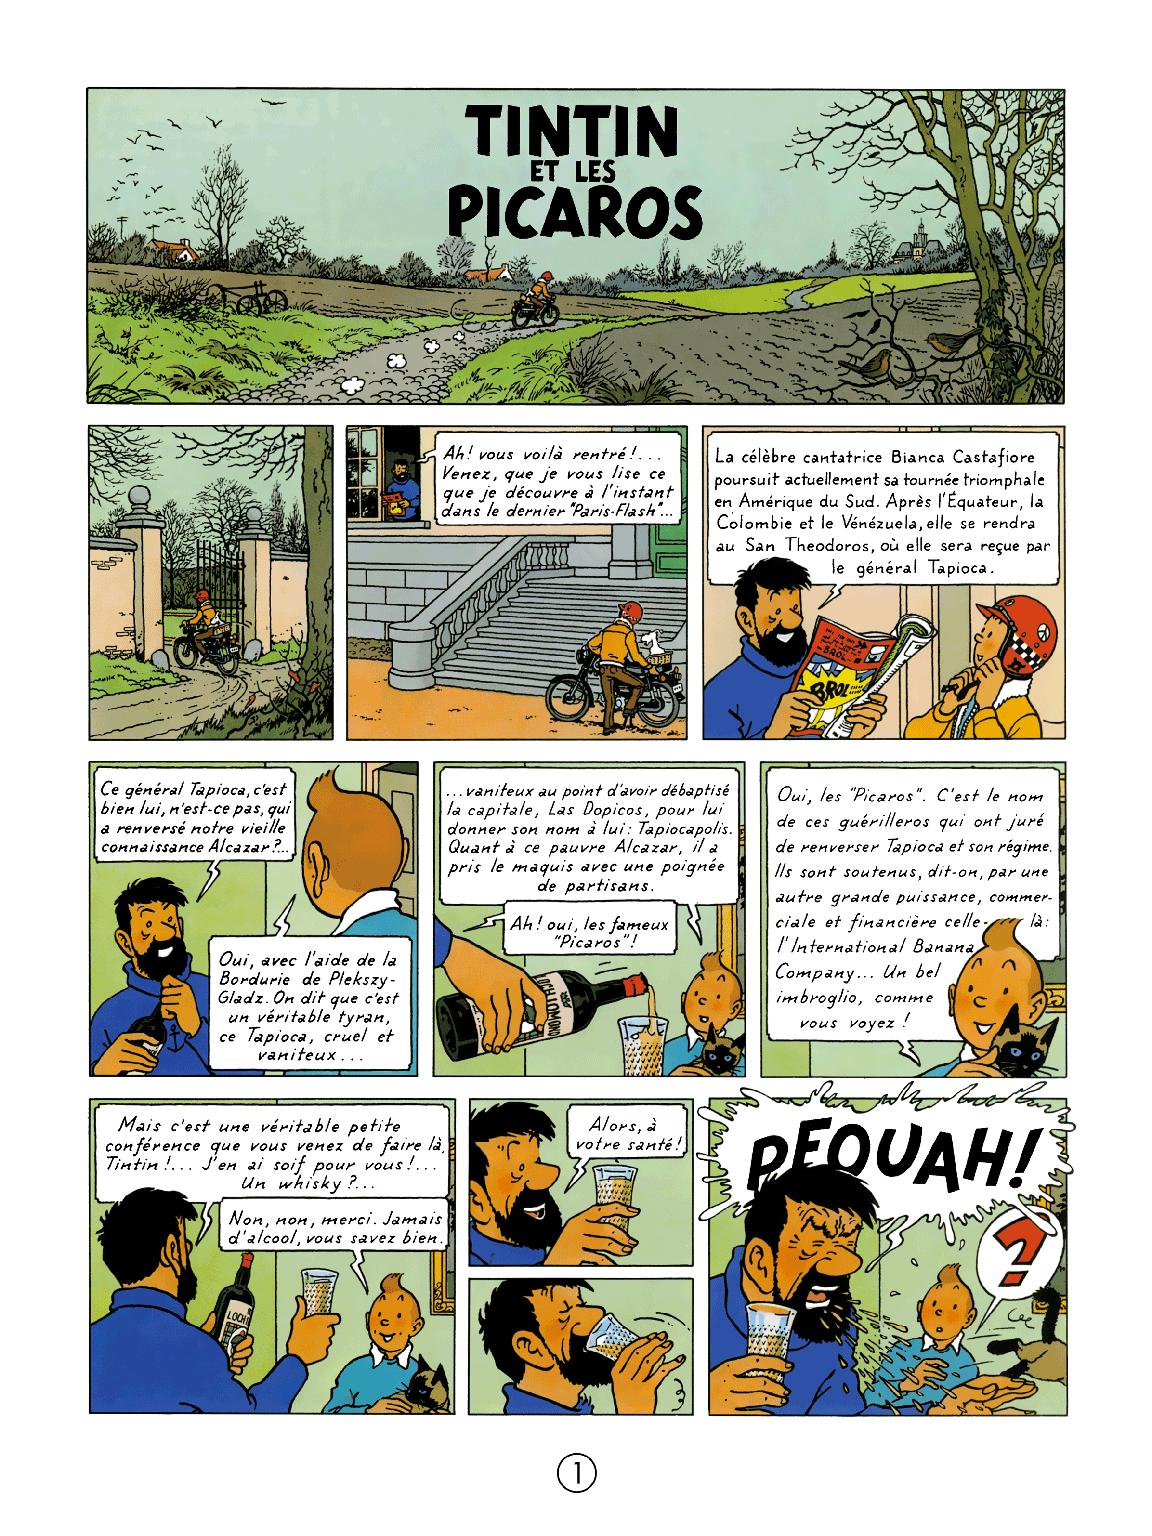 Tintin et les Picaros - Page 1